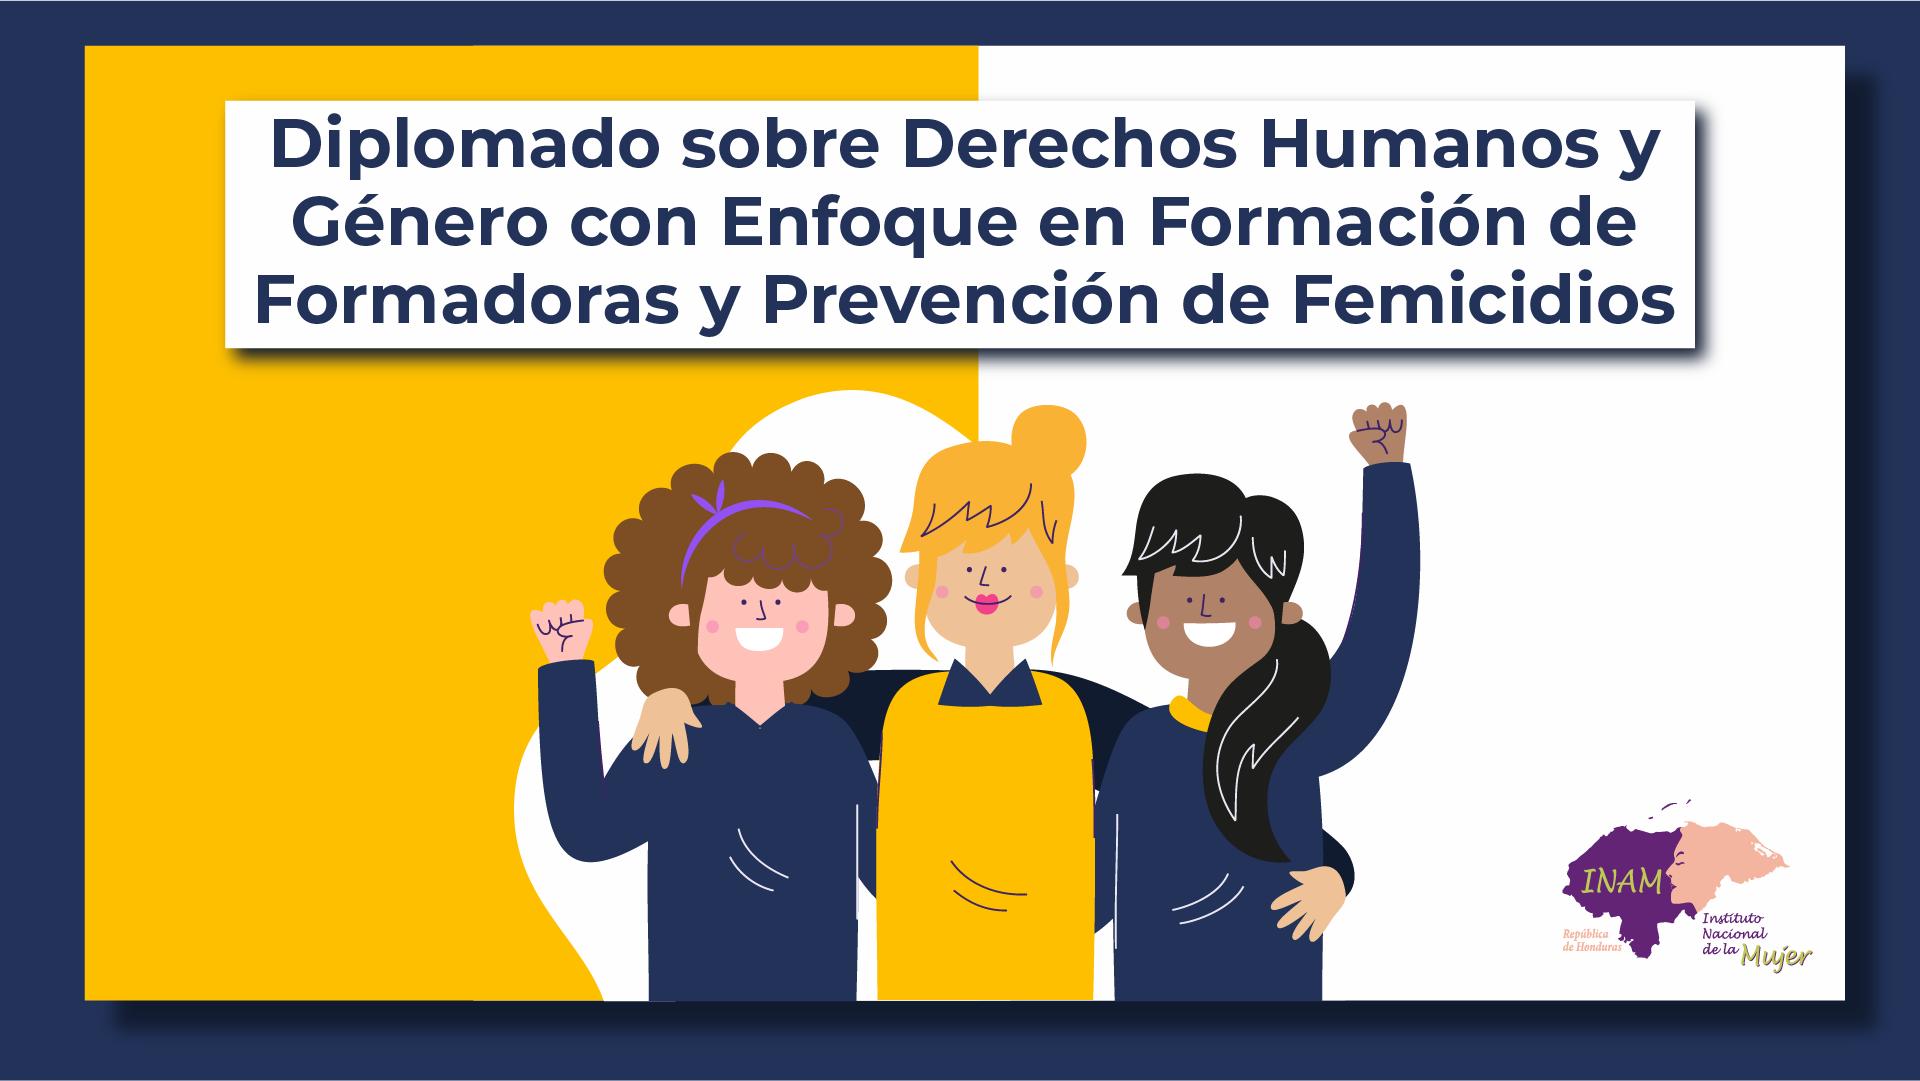 Diplomado sobre Derechos Humanos y Género con enfoque en formación de formadoras y prevención de femicidios